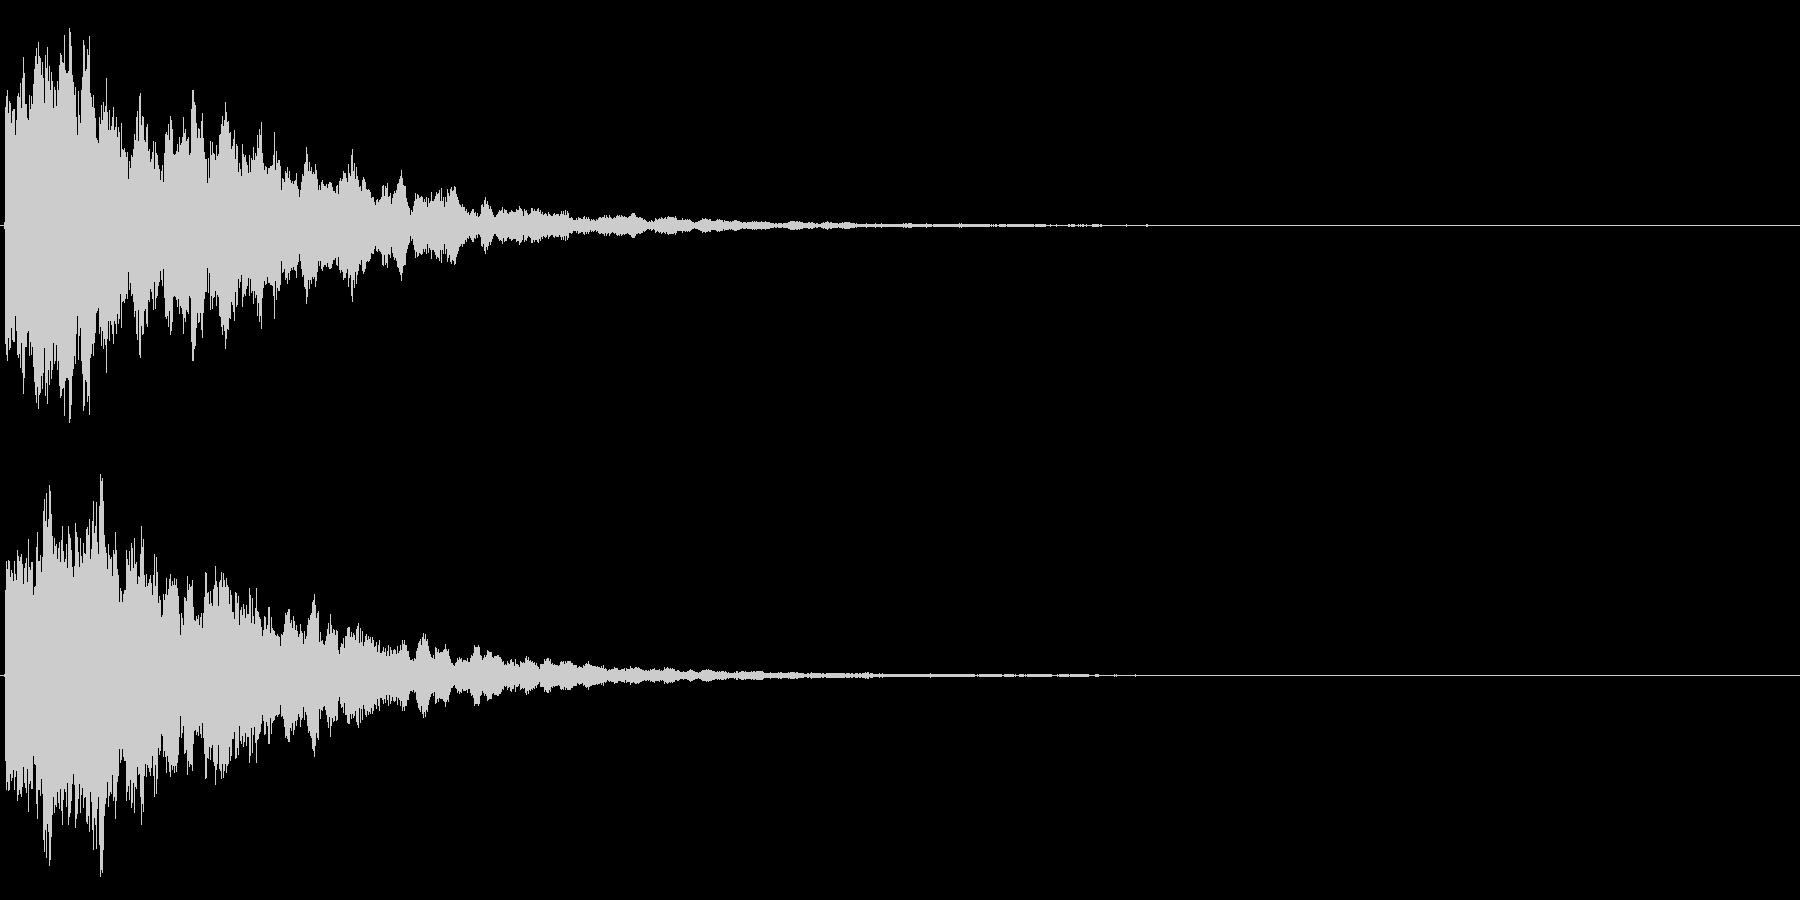 ゲームスタート、決定、ボタン音-174の未再生の波形